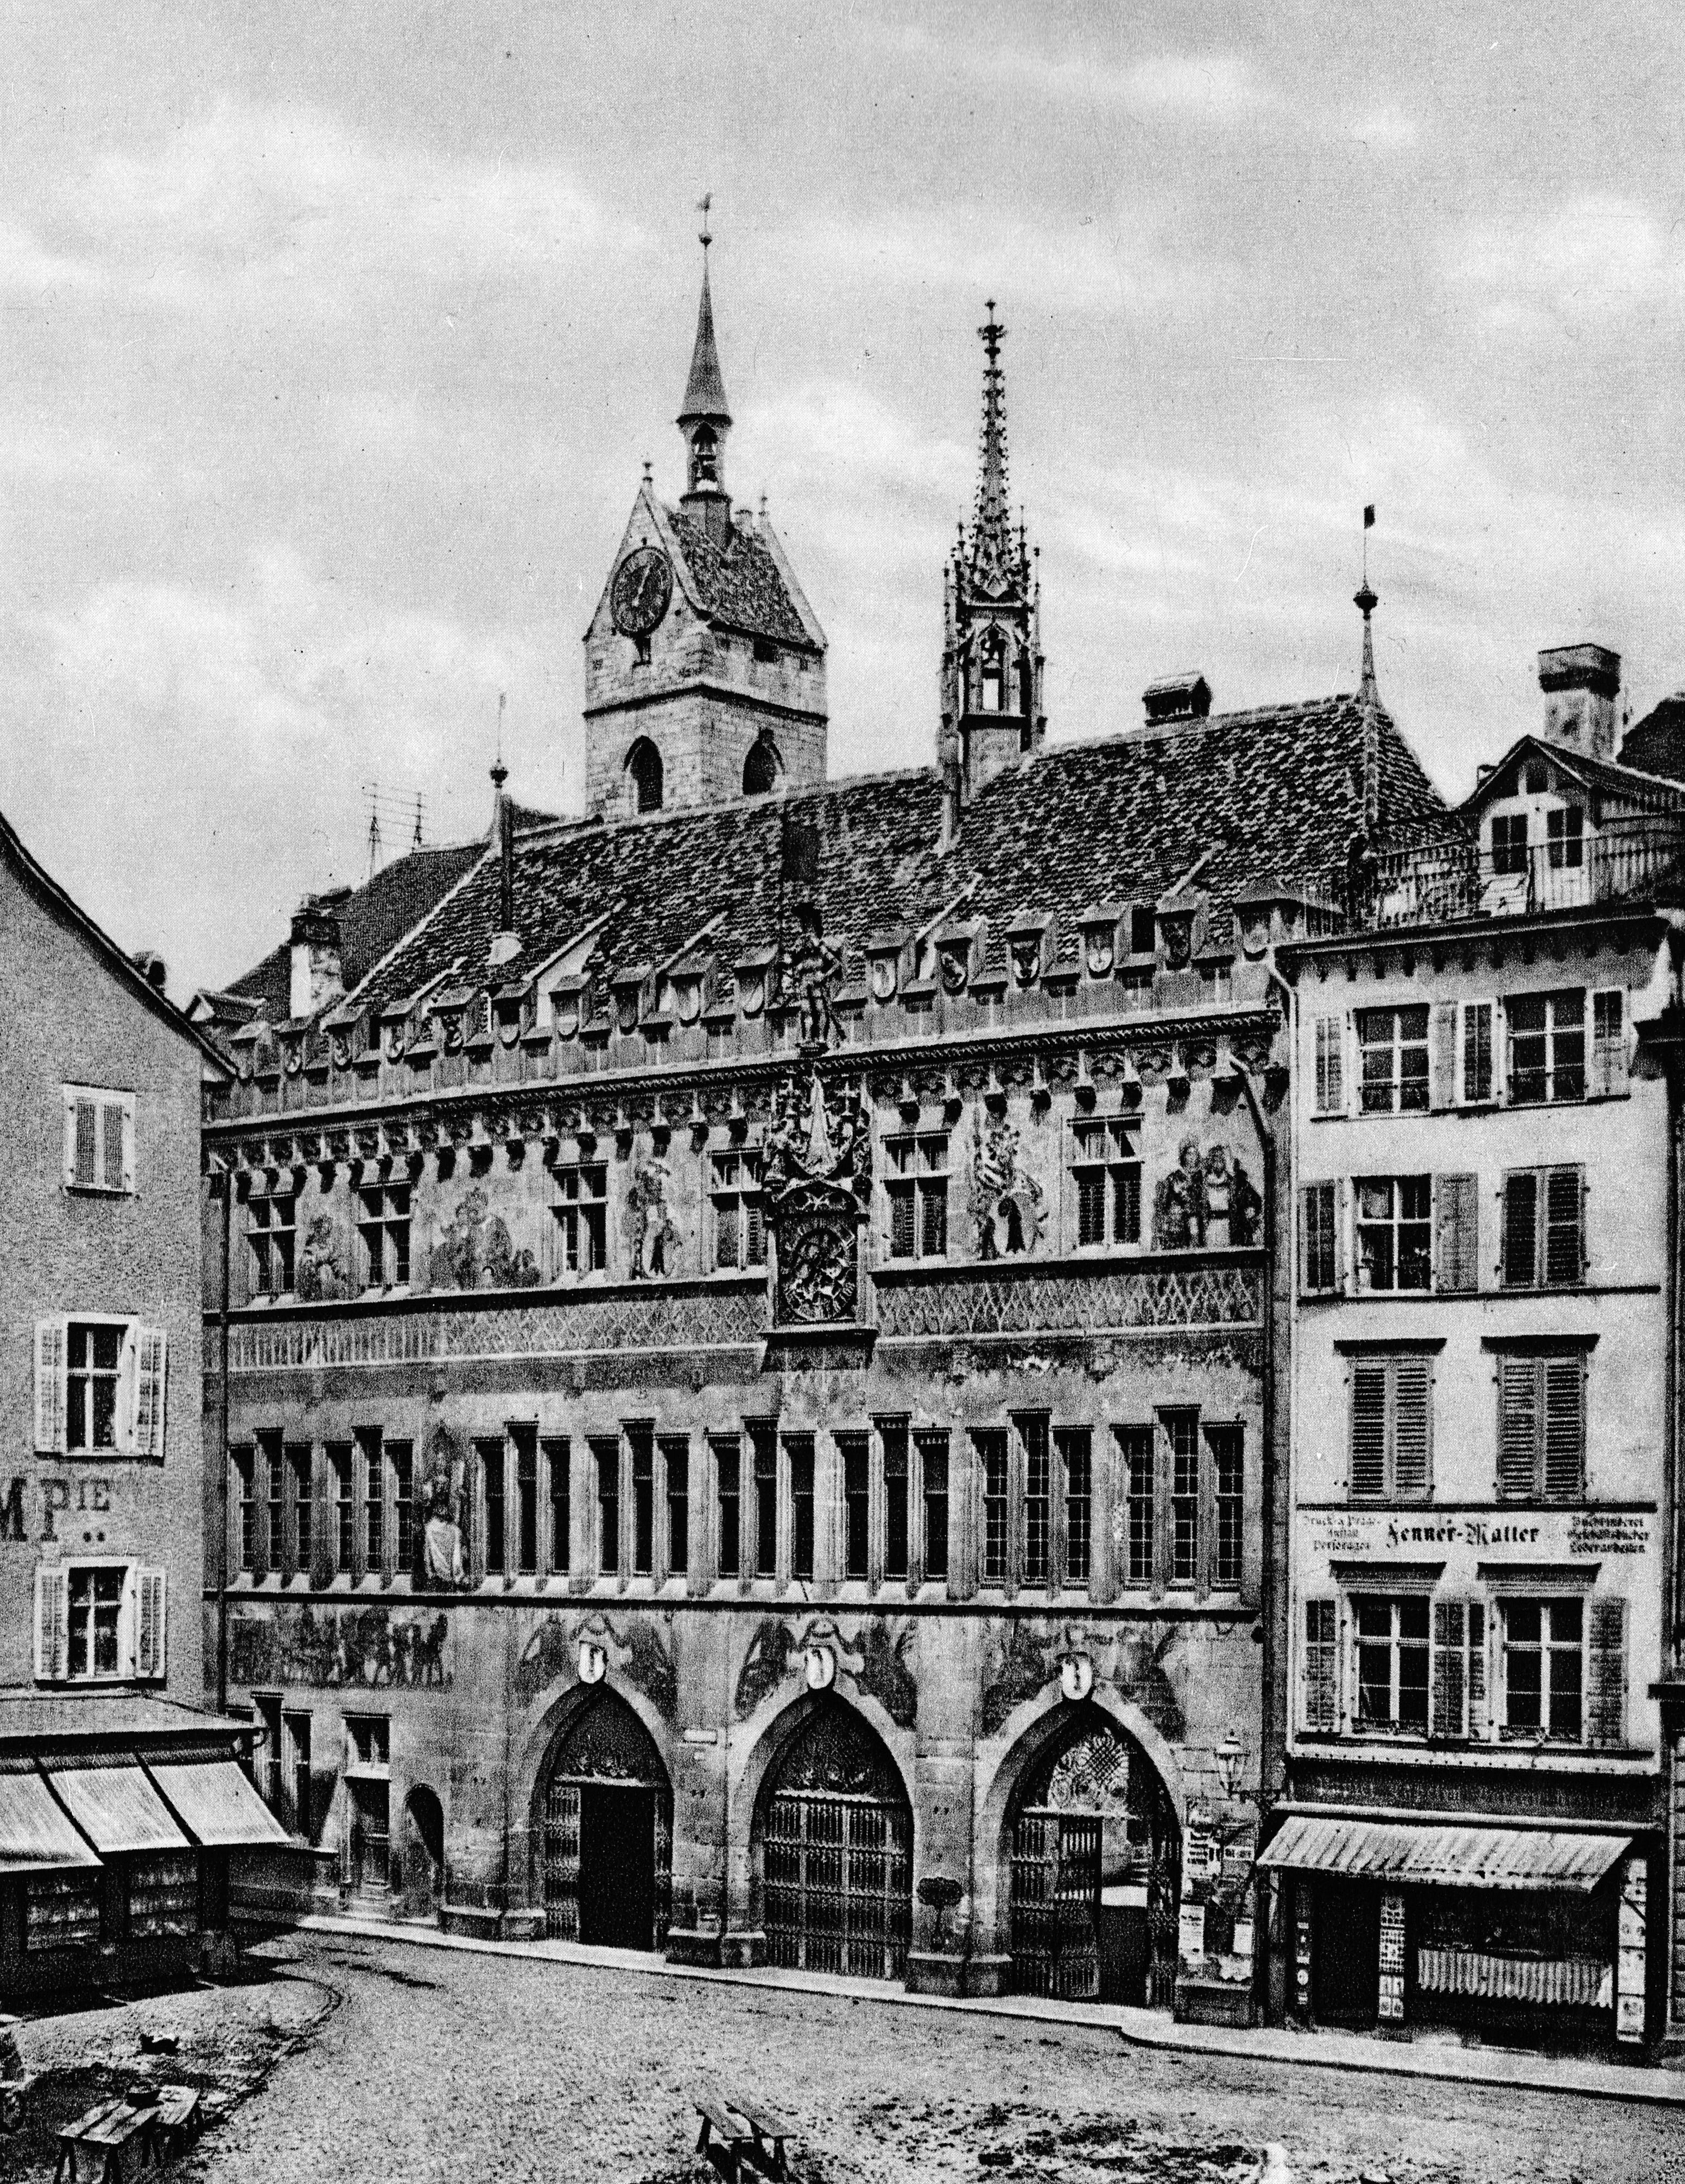 Das Rathaus am Marktplatz um 1870